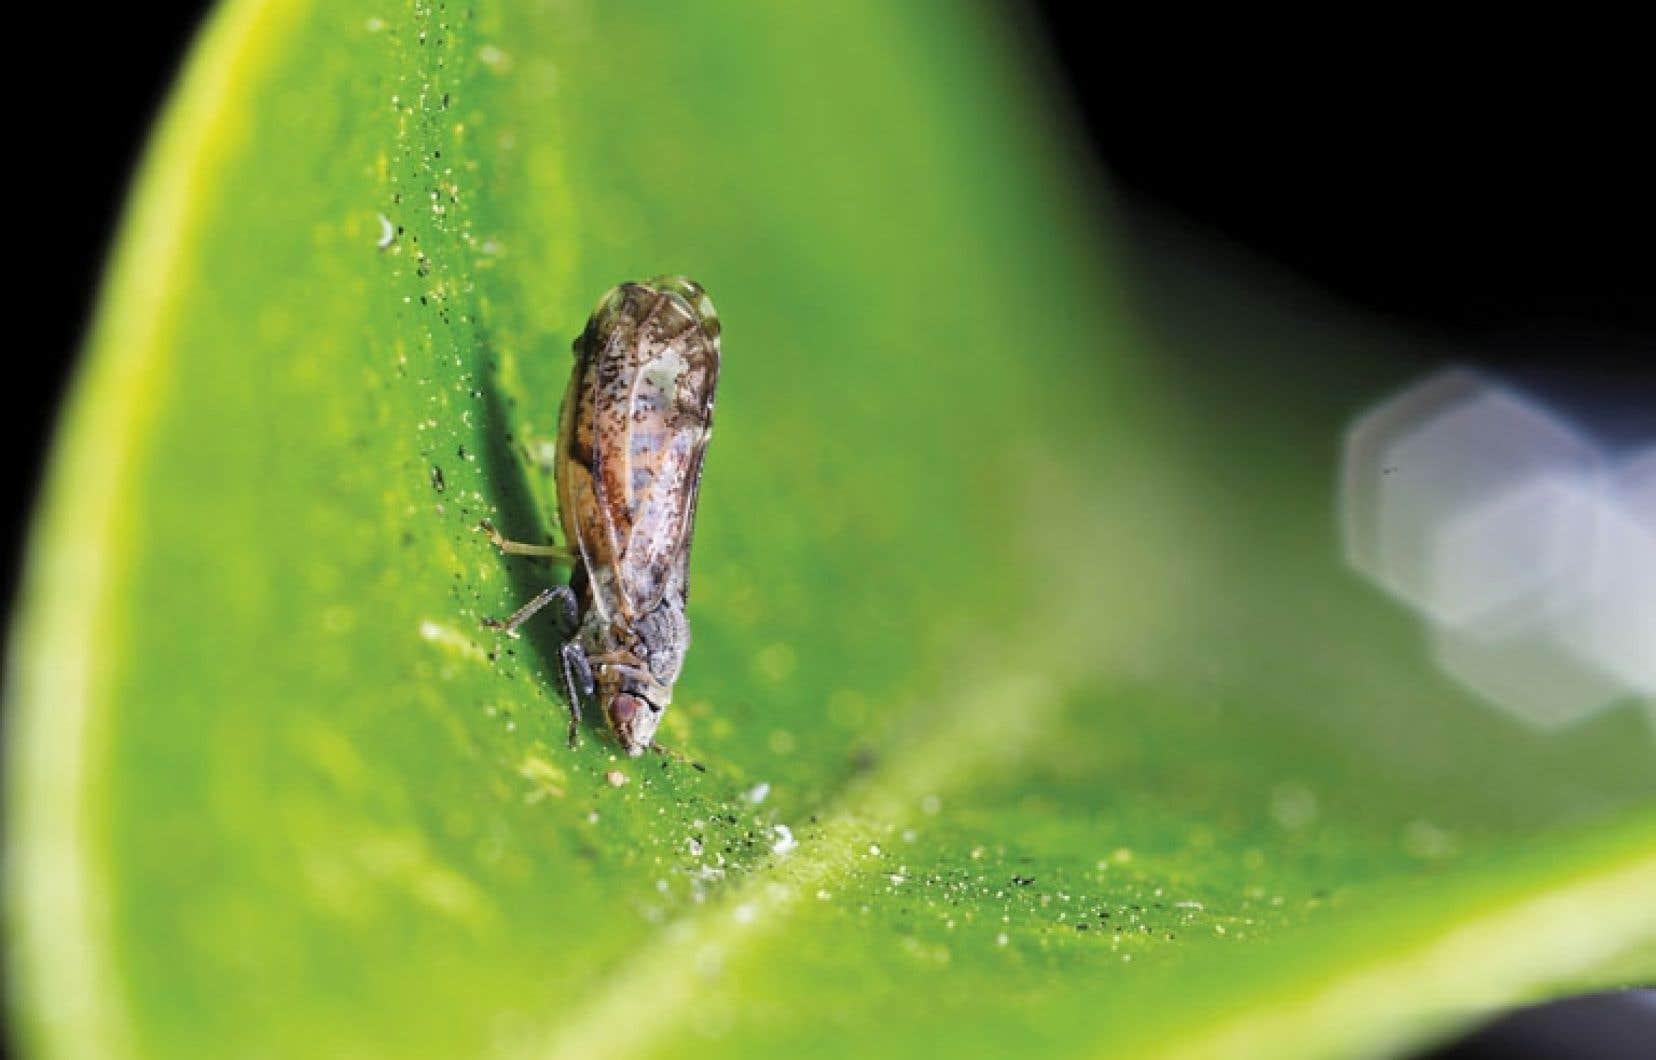 Le psylle asiatique des agrumes, petit insecte ailé, raffole de la sève présente dans le feuillage des citrus, ici une jeune feuille de citronnier.